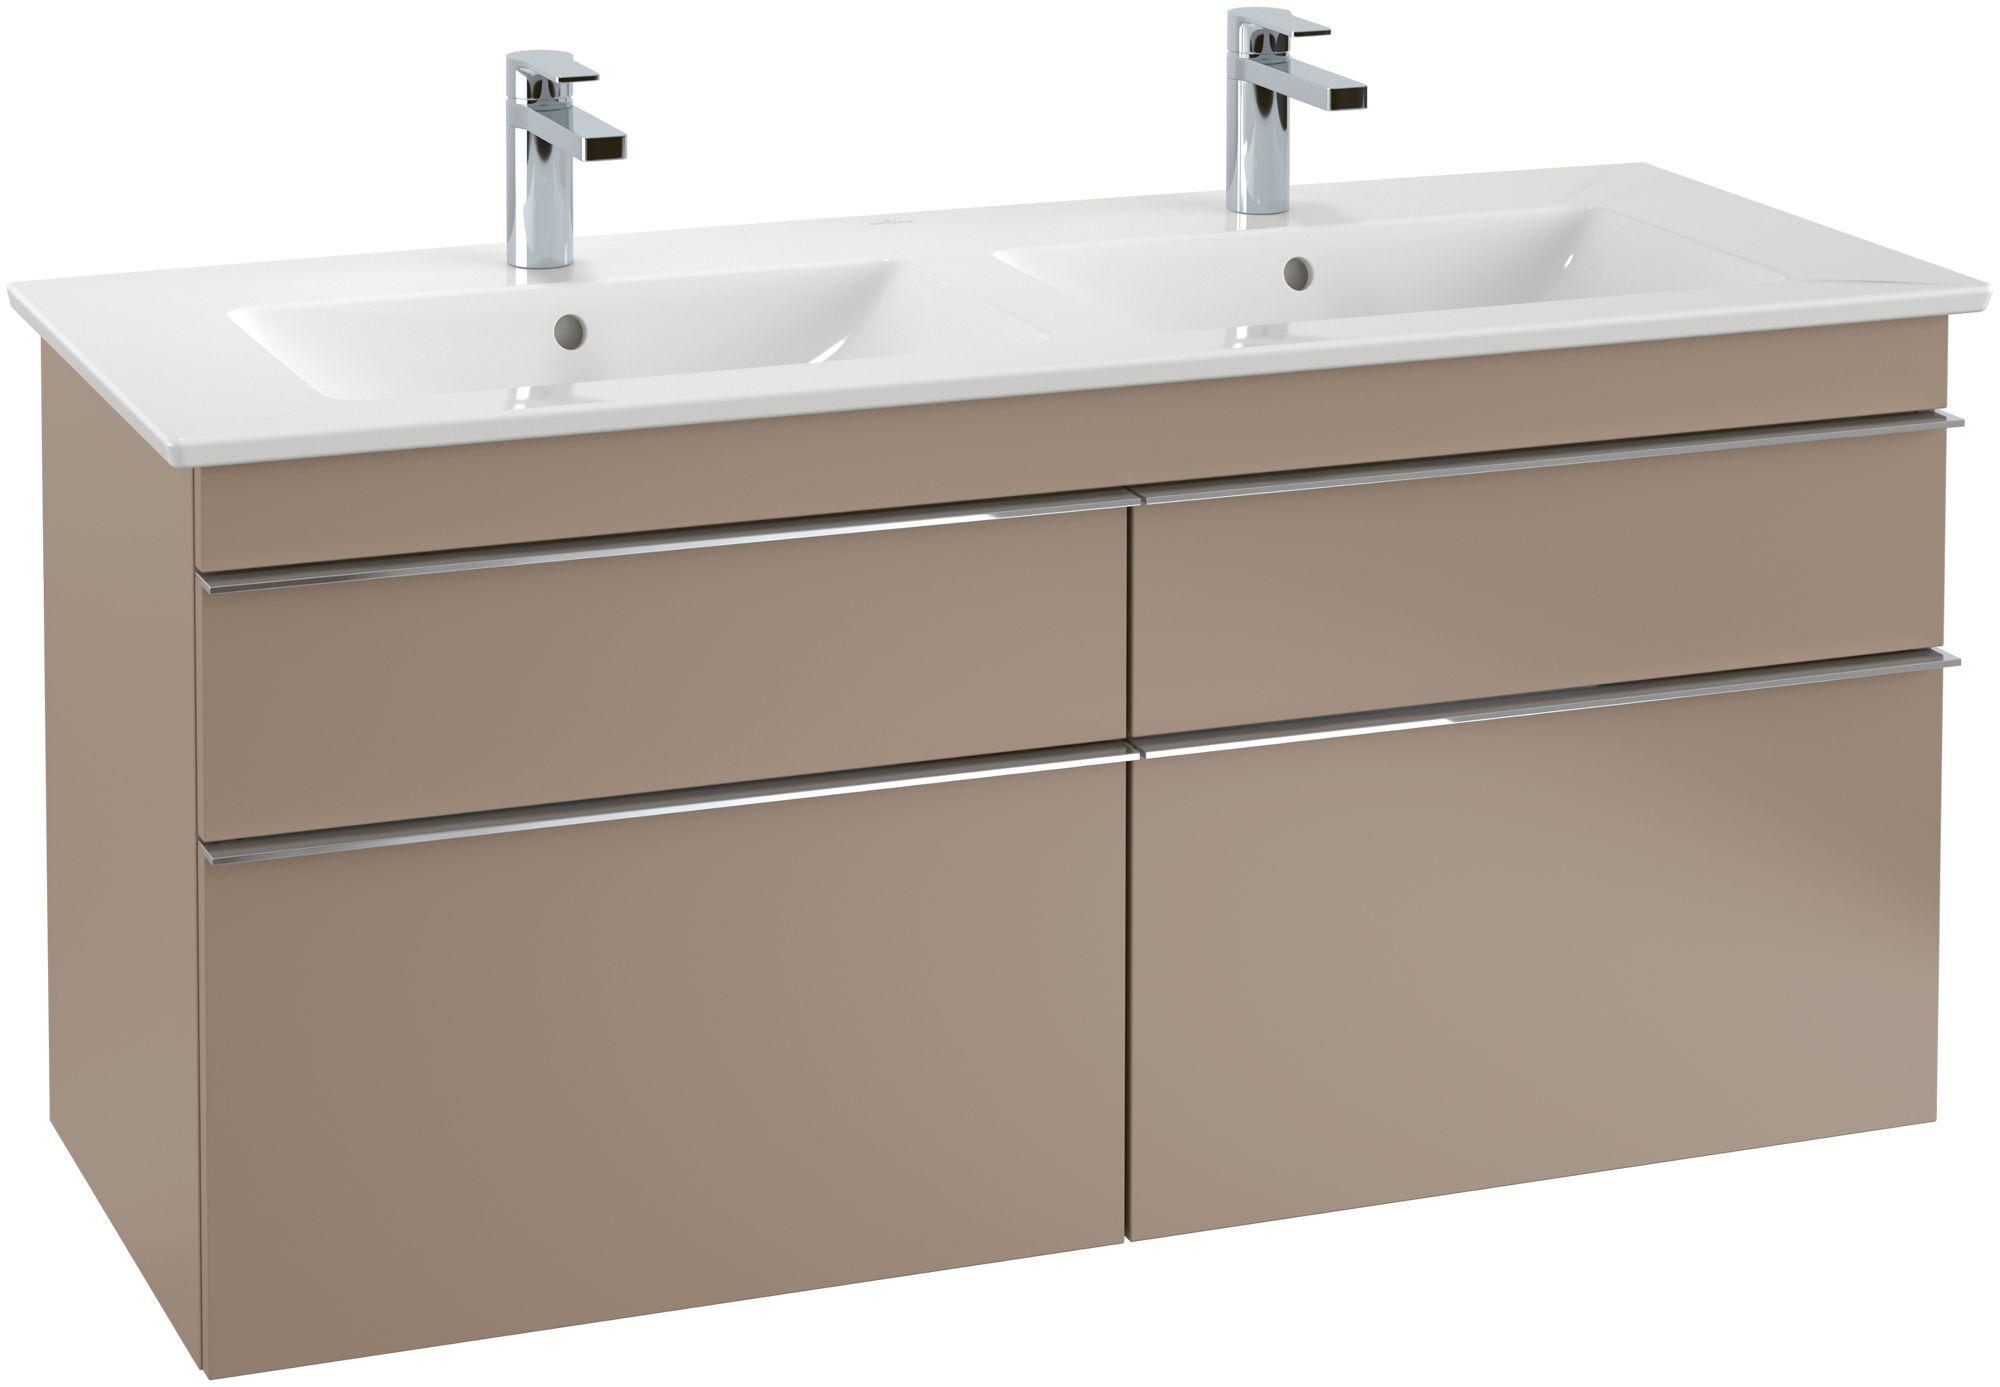 Villeroy & Boch Venticello Möbel-Doppelwaschtisch B:130xT:50cm 1 Hahnloch mit Überlauf weiß mit Ceramicplus 4111DLR1